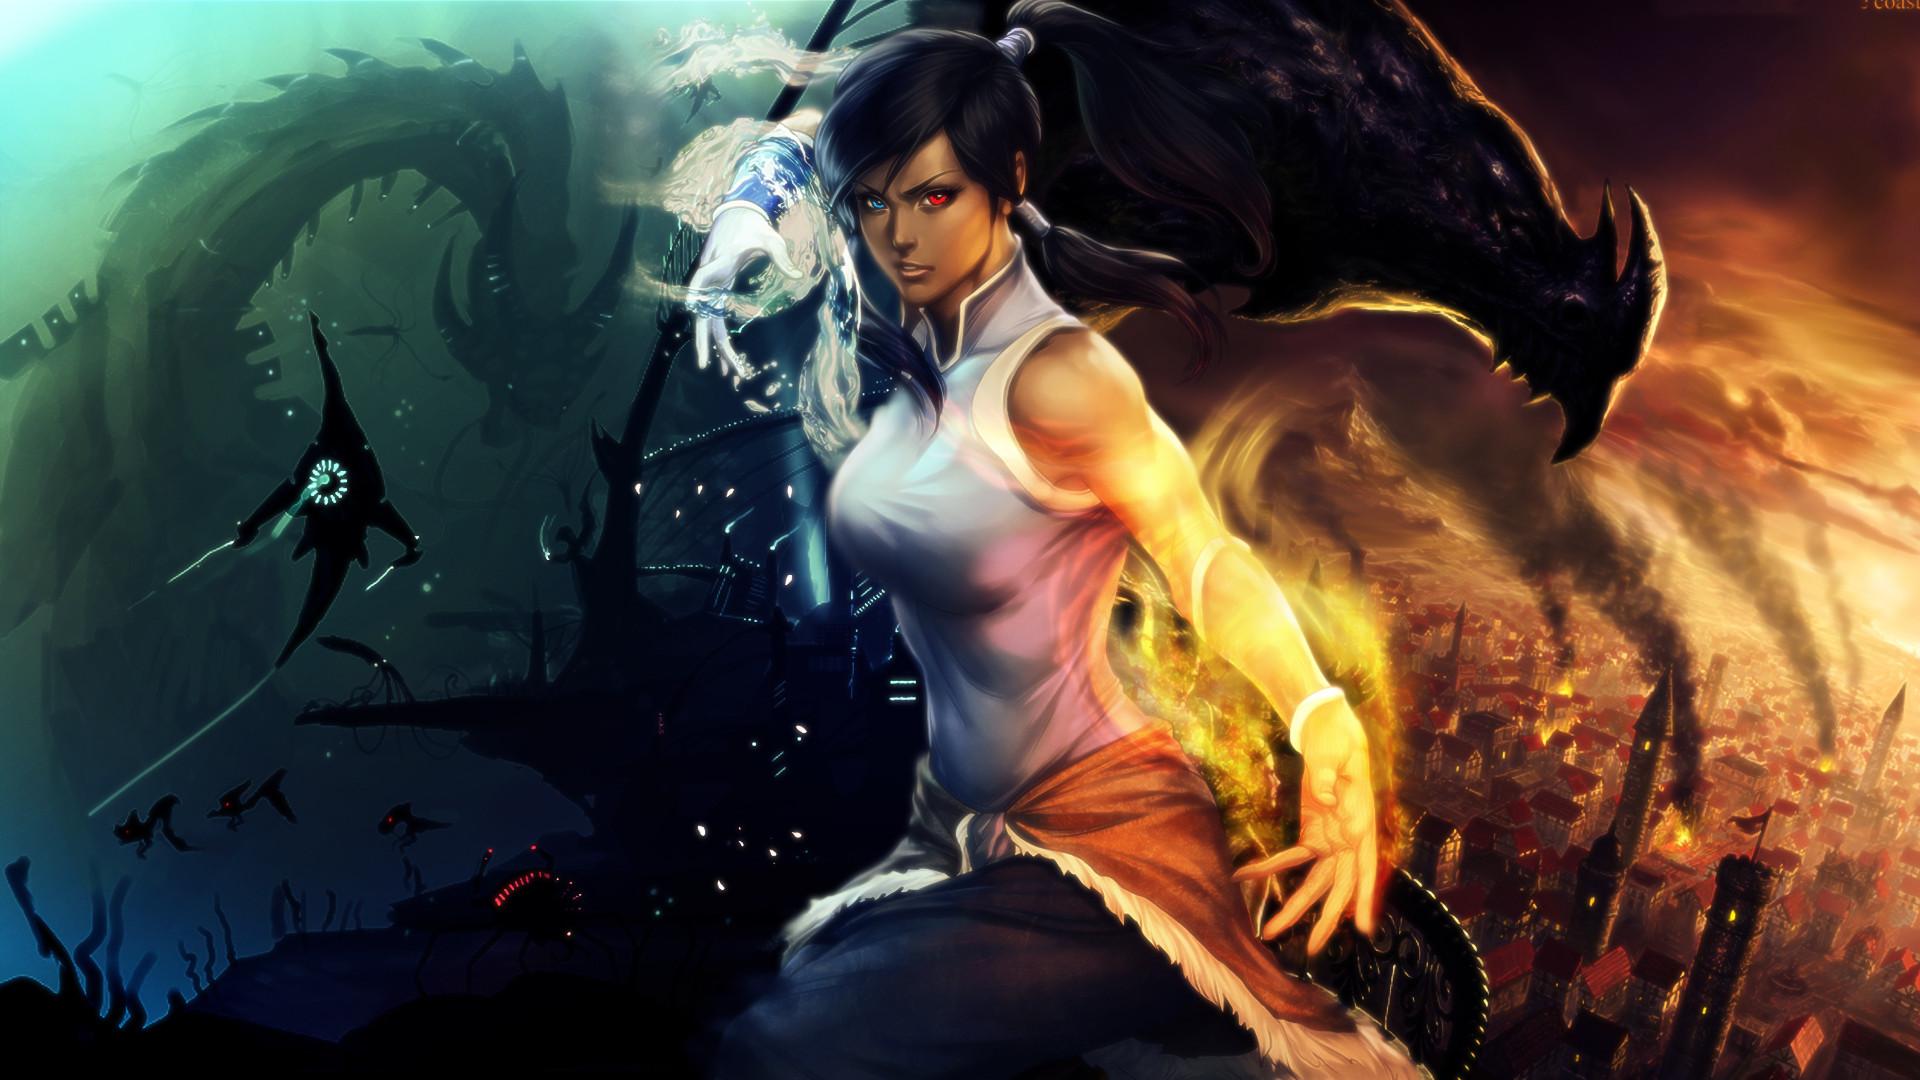 Anime Girl Warrior Wallpaper 77 Images